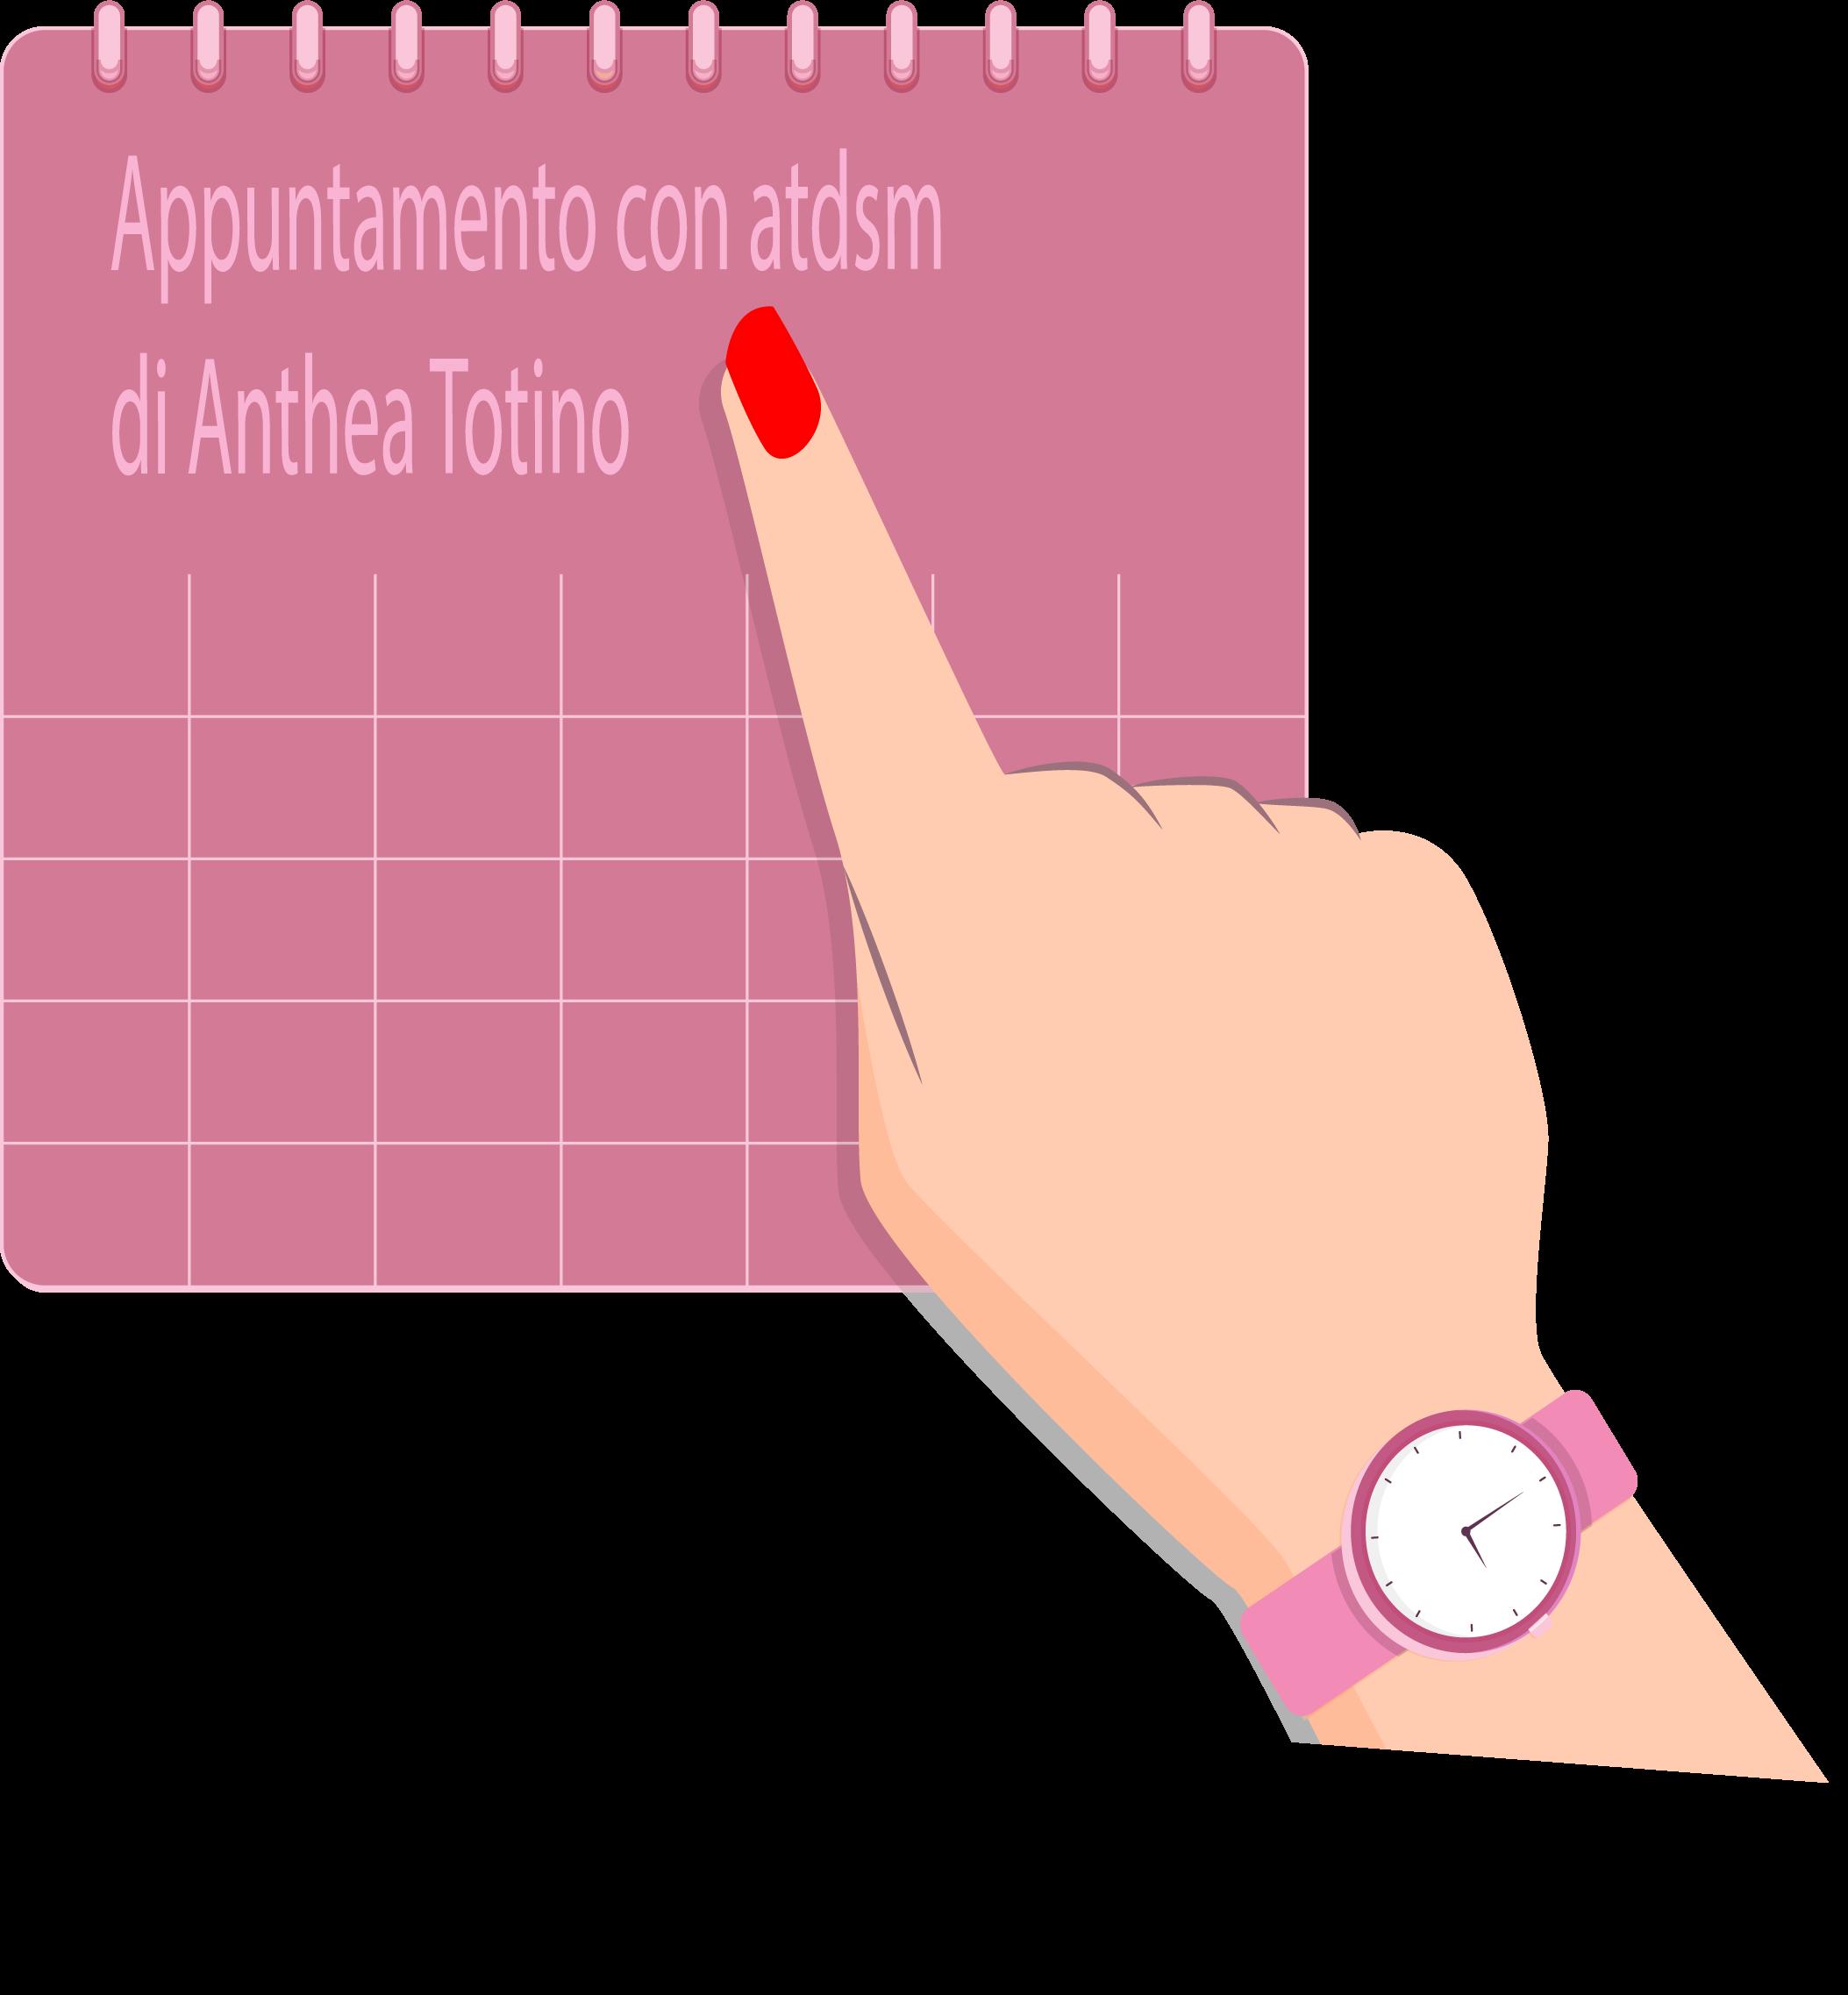 contattaci per un preventivo gratuito - atdsm di Anthea Totino a Milano